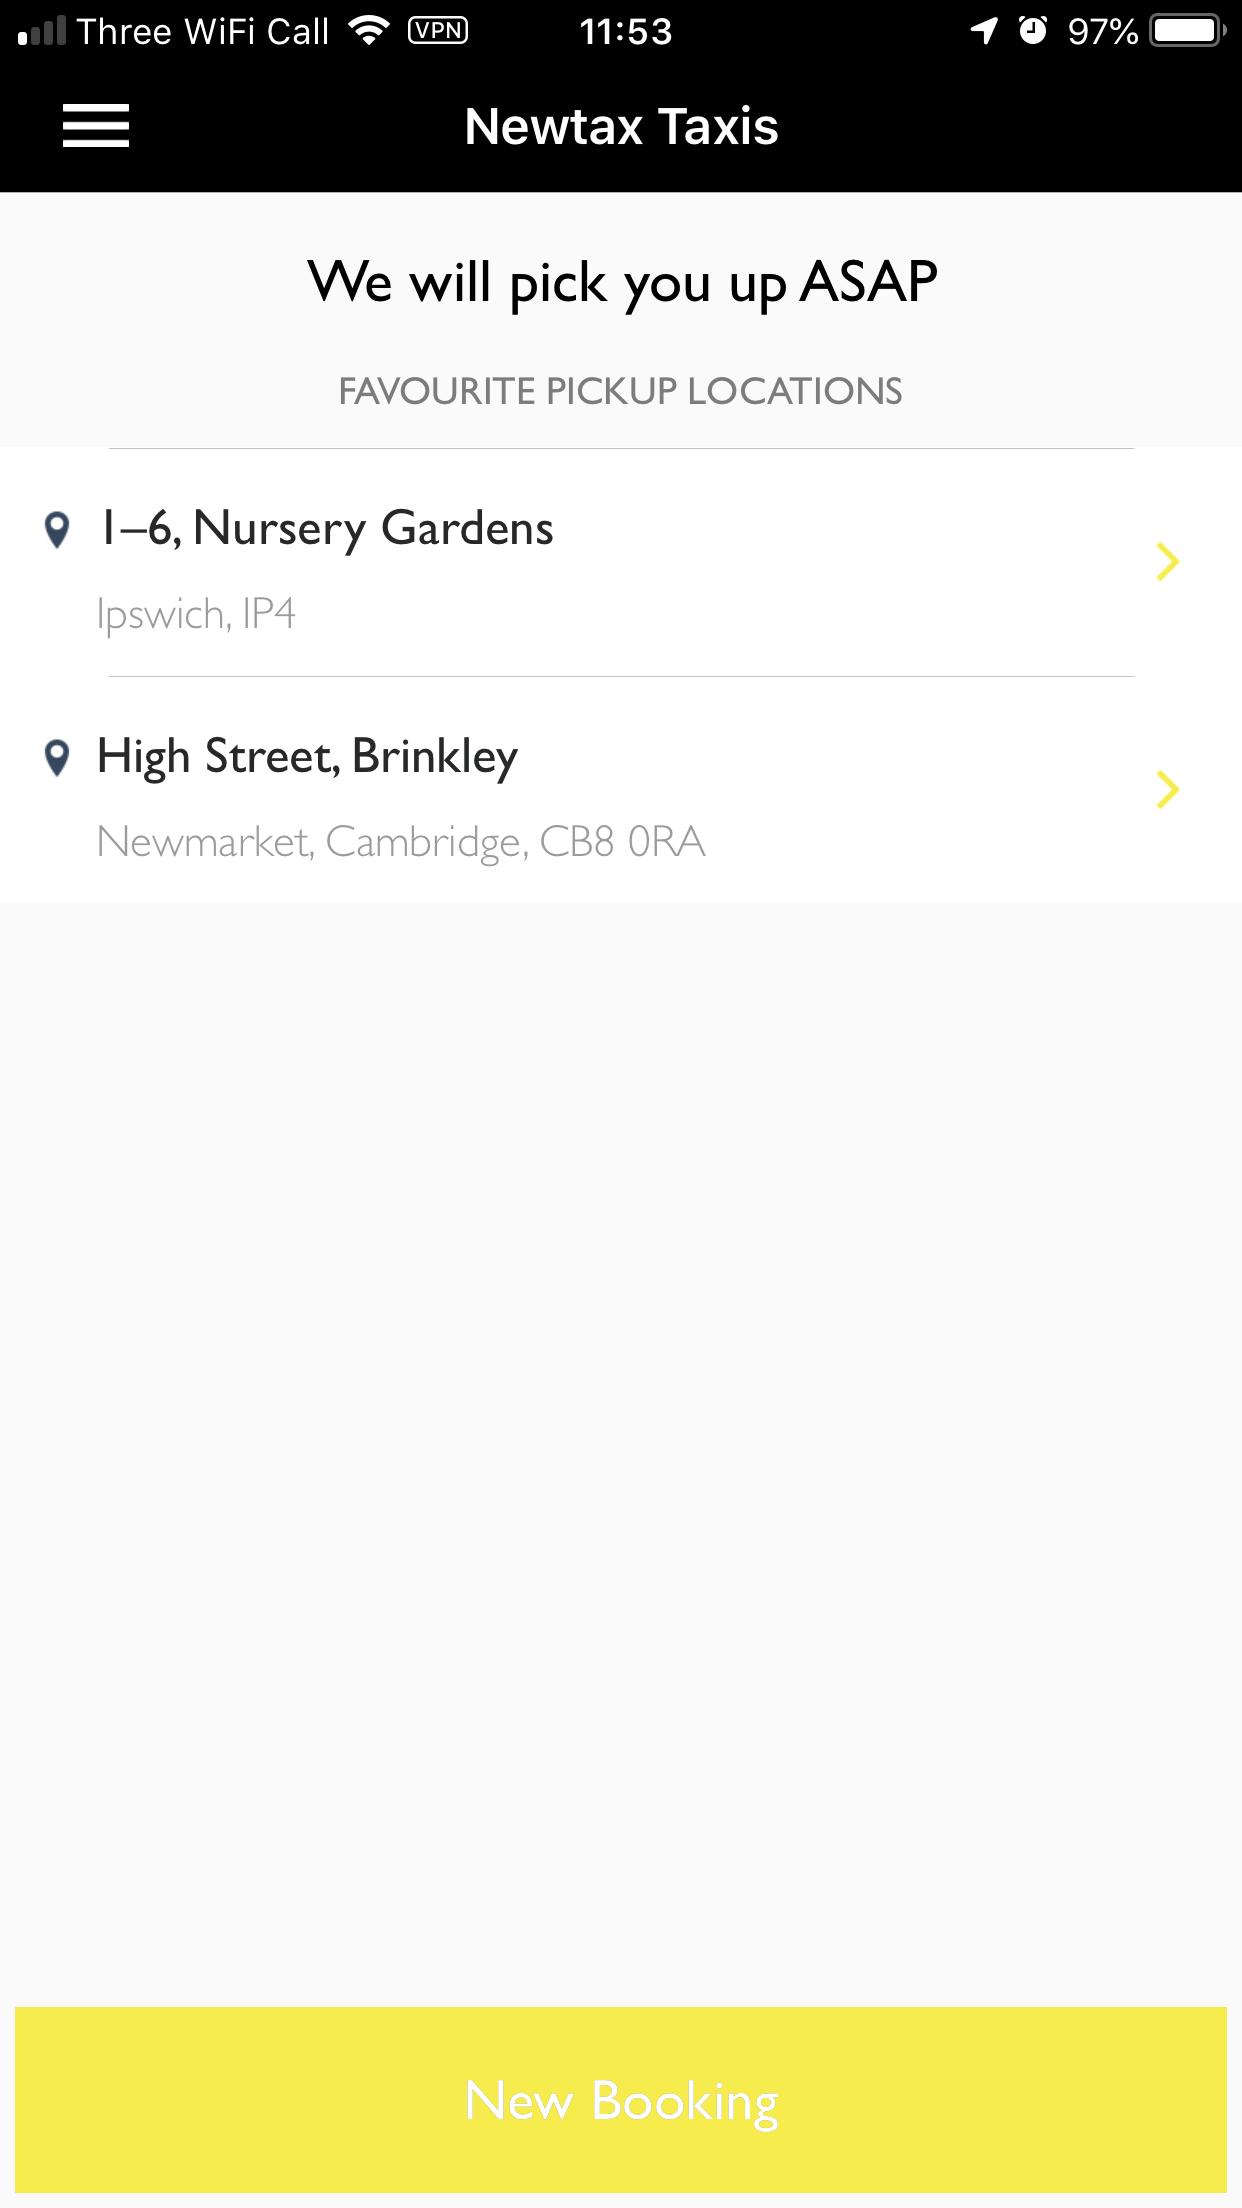 Newtax Taxi App fair list